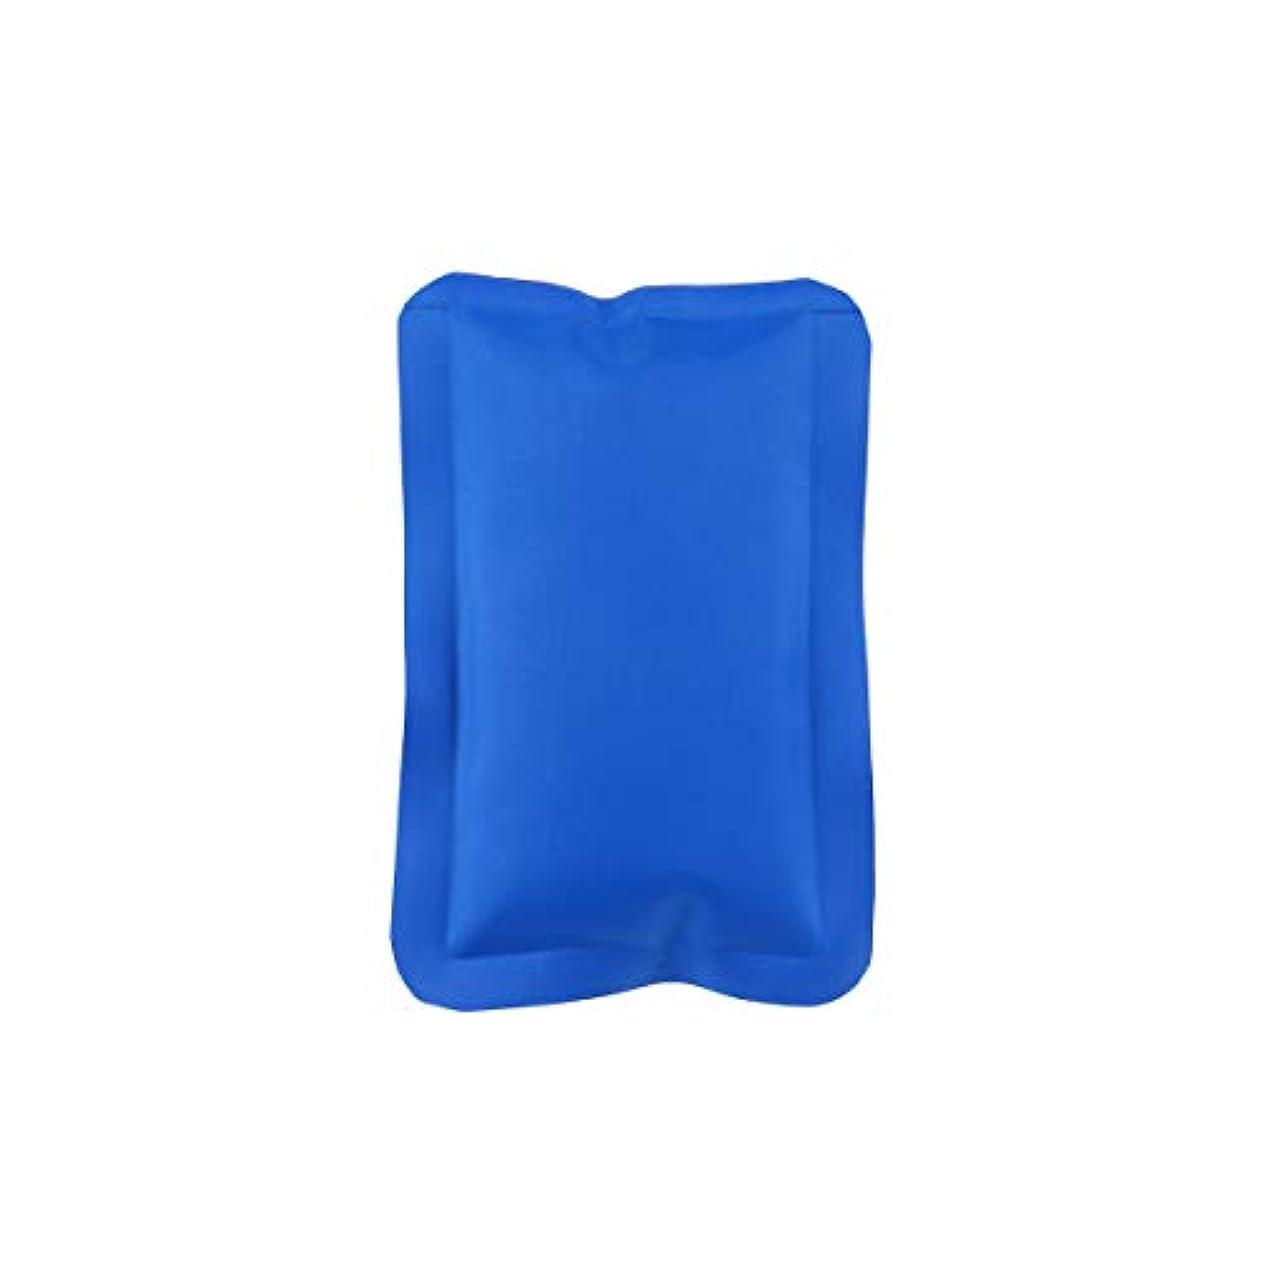 オペレータープラスチックメロディーHEALLILY 150ML再利用可能なホット&コールドジェルパック(コンプレッションラップスポーツ傷害)ジェルアイスパック多目的ヒートパック(マッスルリリーフ用、16x10x1cm、ブルー)